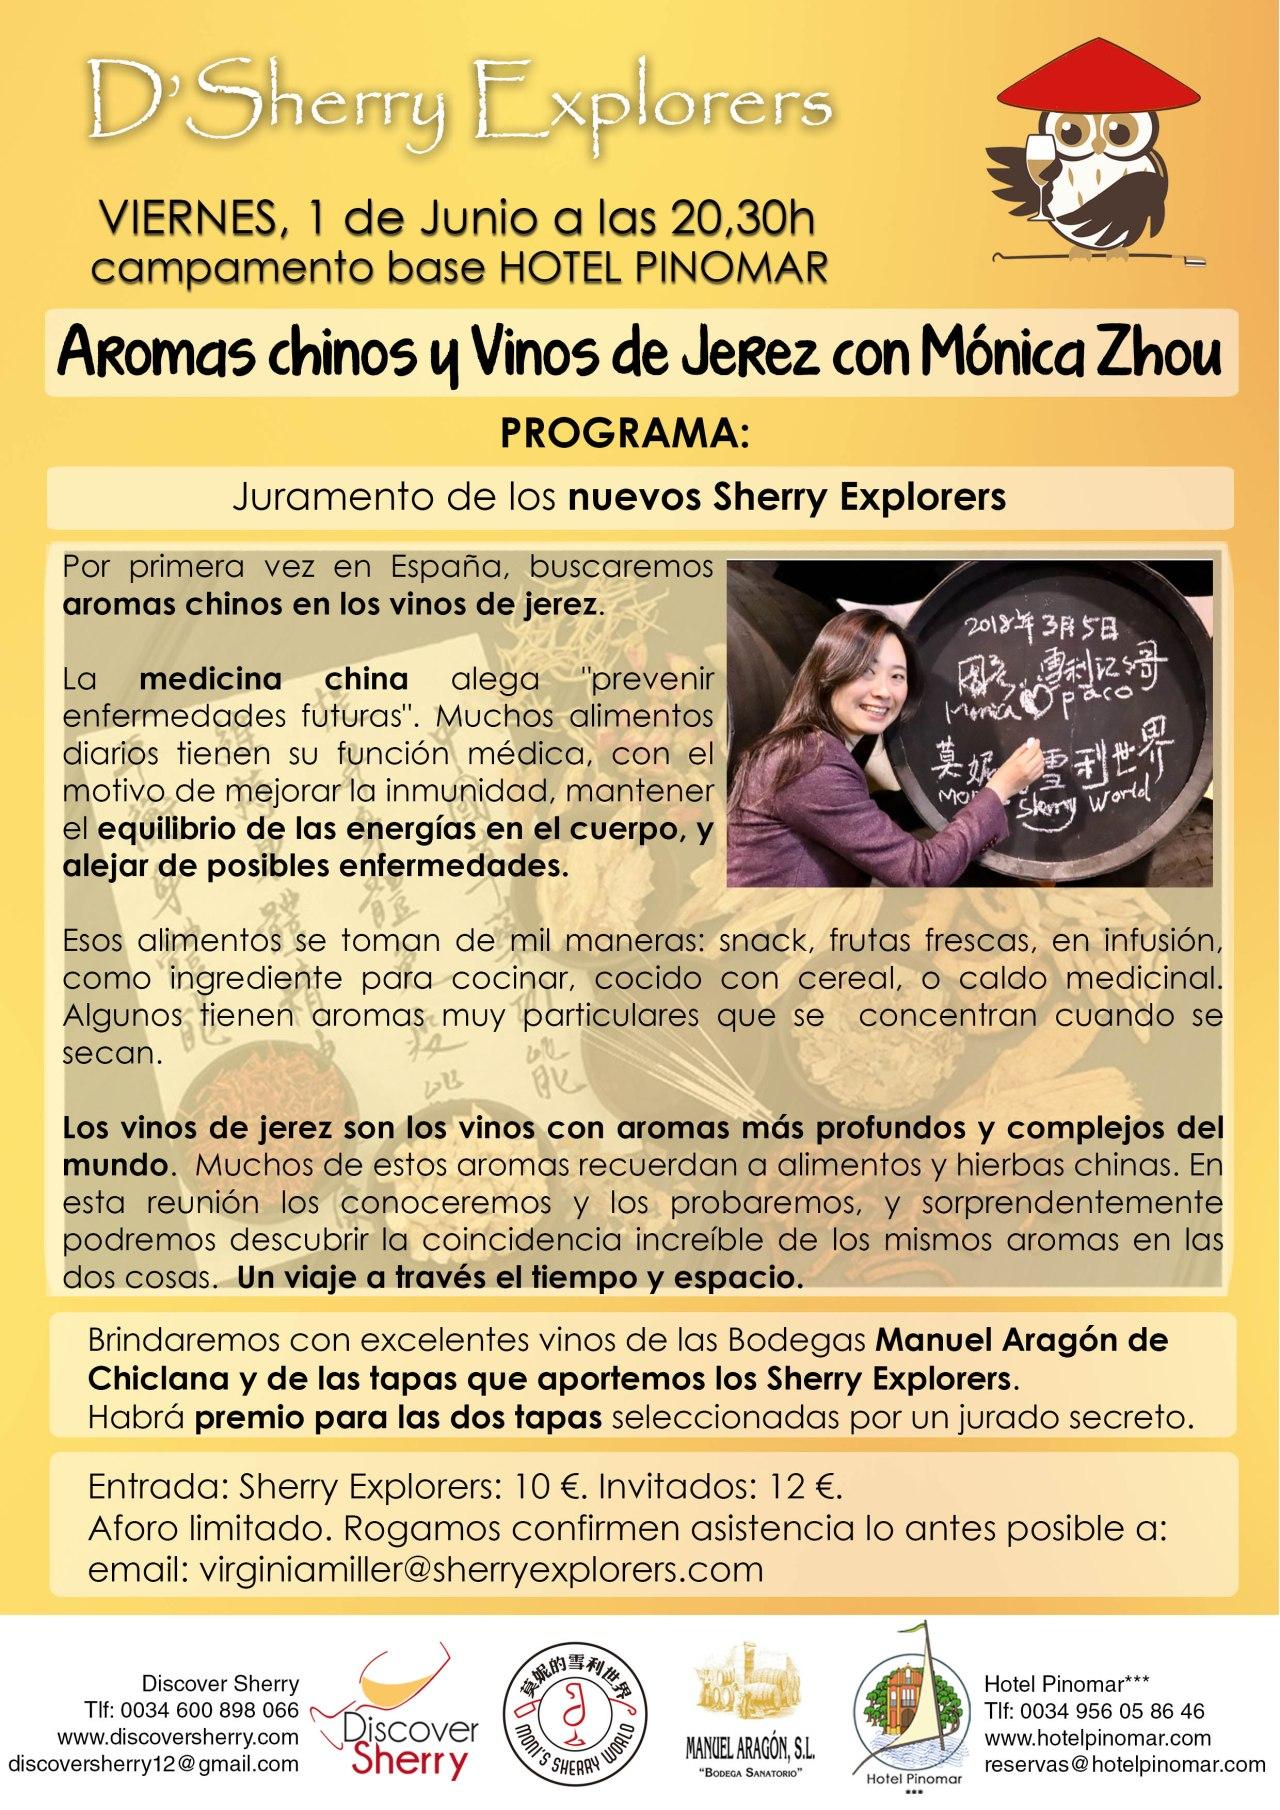 Aromas chinos y Vinos de Jerez con Mónica Zhou, la próxima reunión de los SherryExplorers